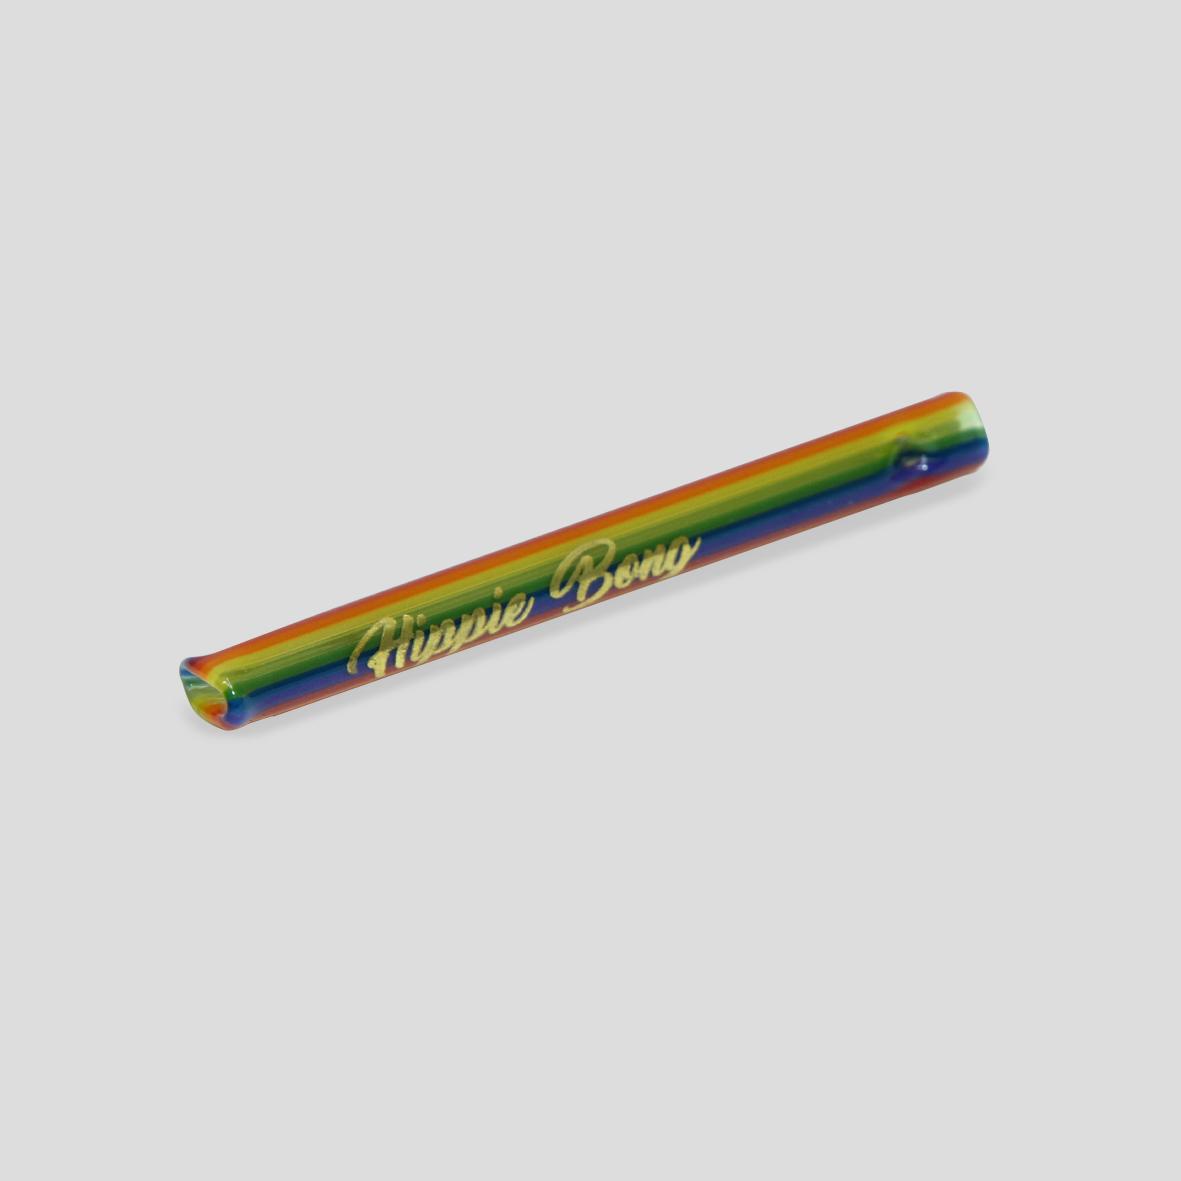 piteira de vidro Vac-stack arco-íris